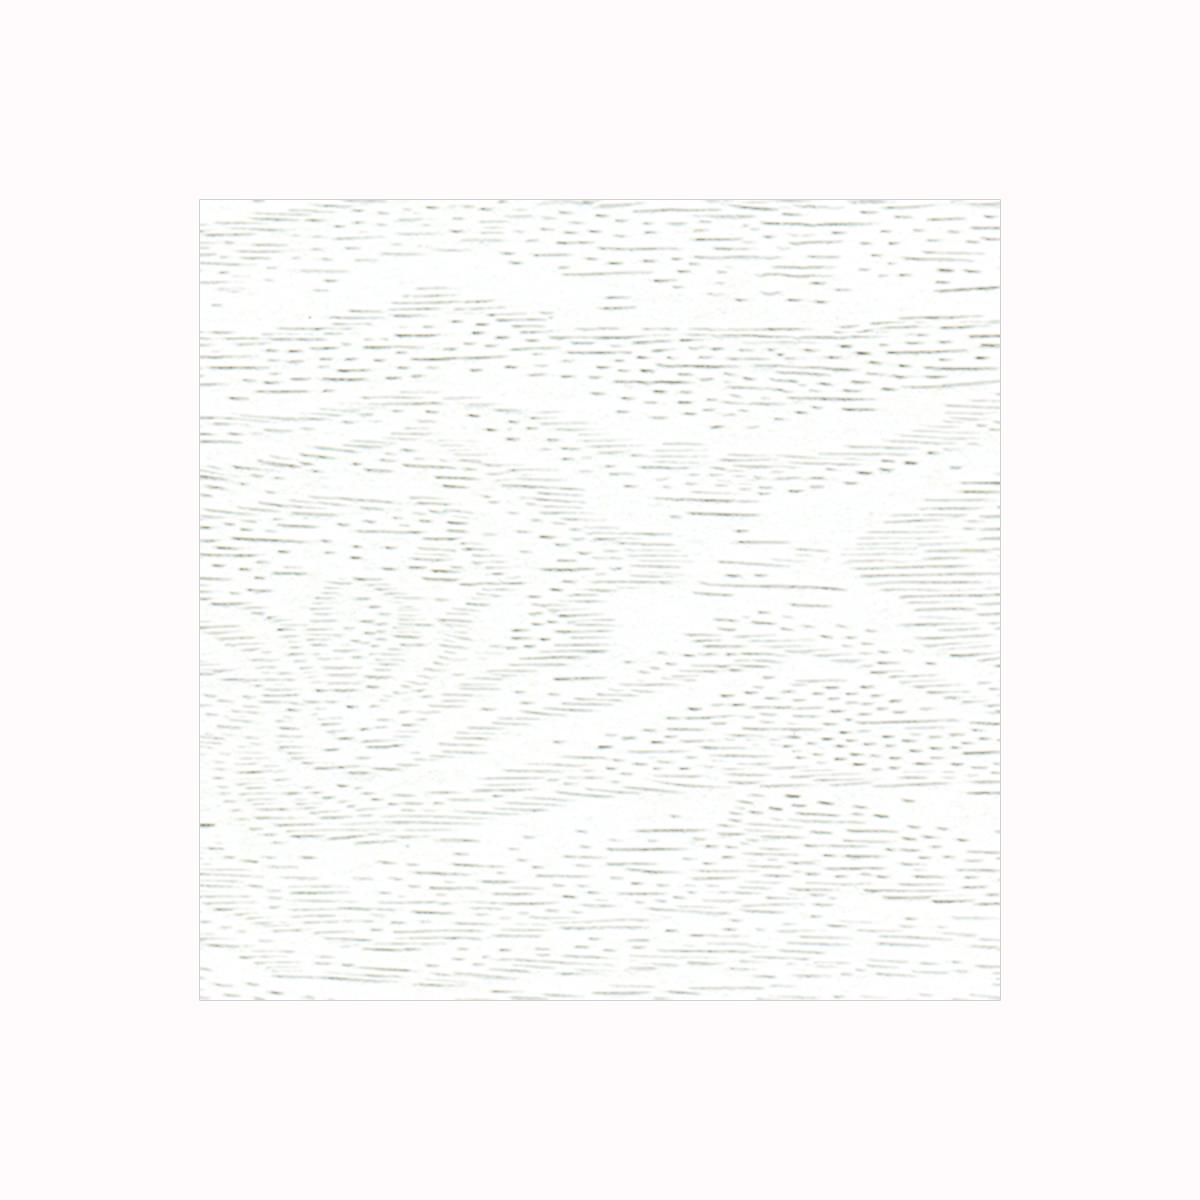 Бумага фактурная Лоза Дерево, цвет: белый, 3 листаNLED-454-9W-BKФактурная бумага для скрапбукинга Лоза Дерево позволит создать красивый альбом, фоторамку или открытку ручной работы, оформить подарок или аппликацию. Набор включает в себя 3 листа из плотной бумаги.Скрапбукинг - это хобби, которое способно приносить массу приятных эмоций не только человеку, который этим занимается, но и его близким, друзьям, родным. Это невероятно увлекательное занятие, которое поможет вам сохранить наиболее памятные и яркие моменты вашей жизни, а также интересно оформить интерьер дома. Плотность бумаги: 200 г/м2.